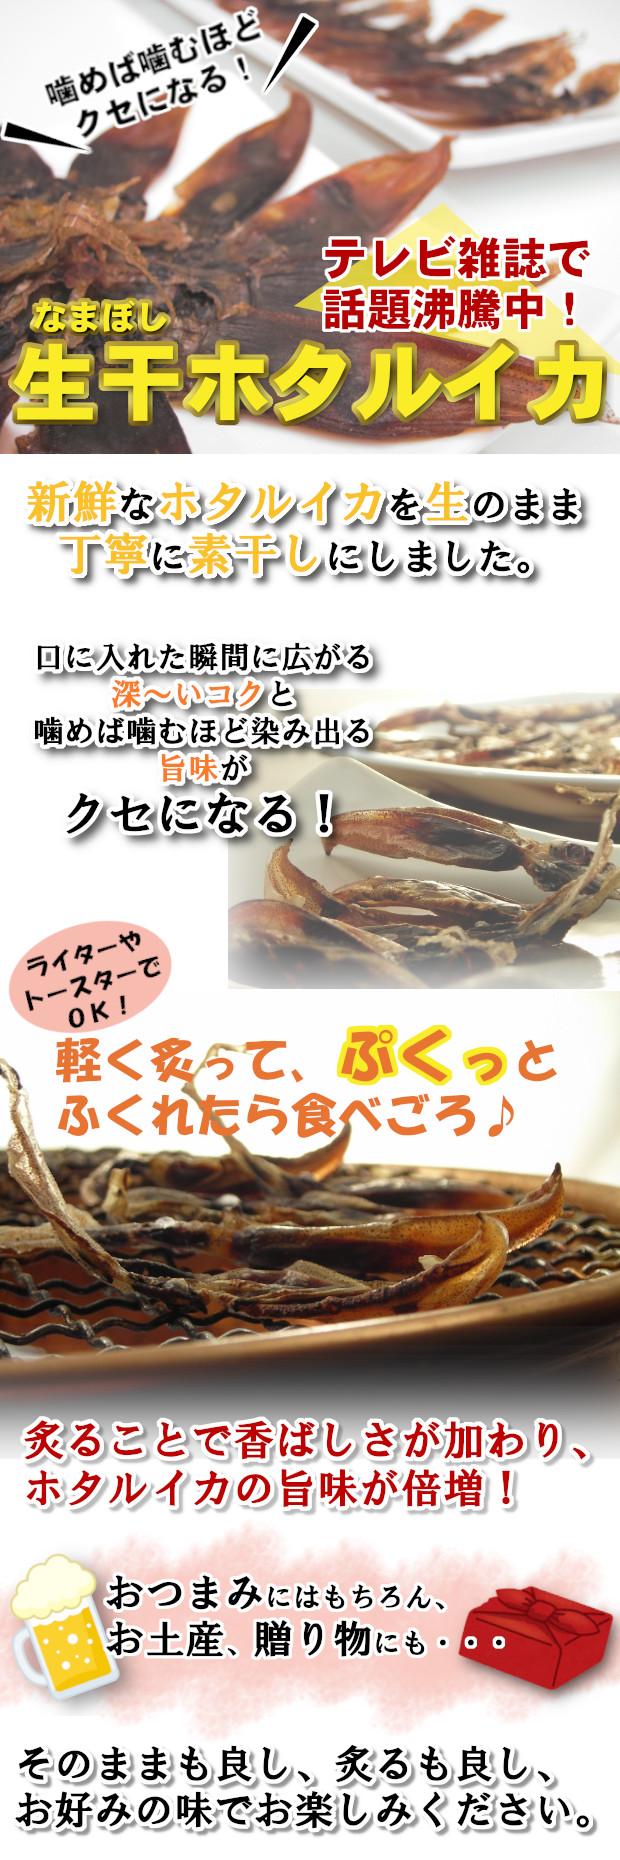 生干ホタルイカ_商品ページ.jpg